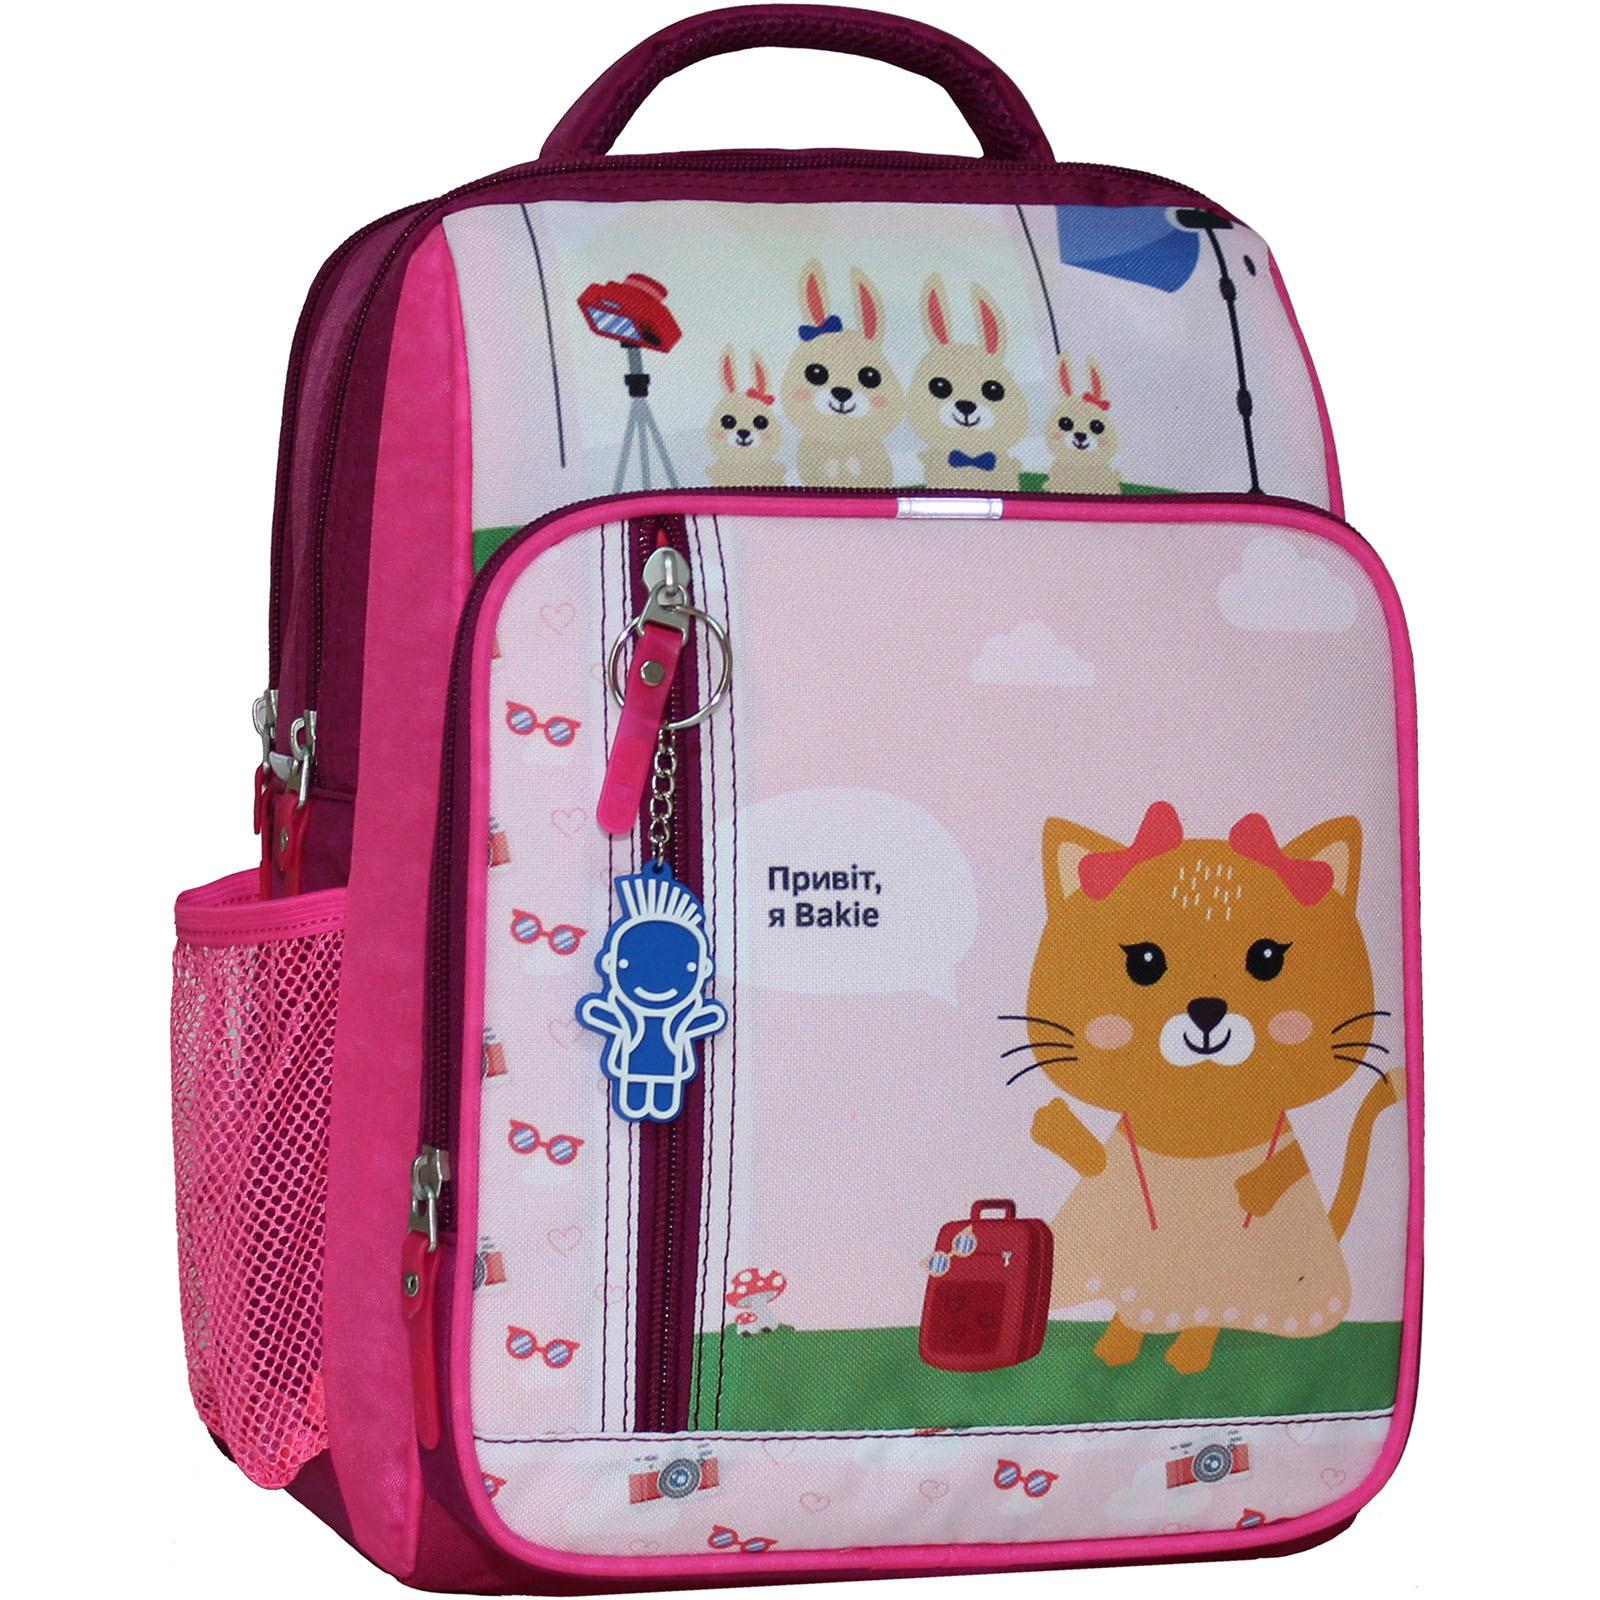 Школьные рюкзаки Рюкзак школьный Bagland Школьник 8 л. 143 малина 434 (00112702) IMG_4981_2434_.JPG